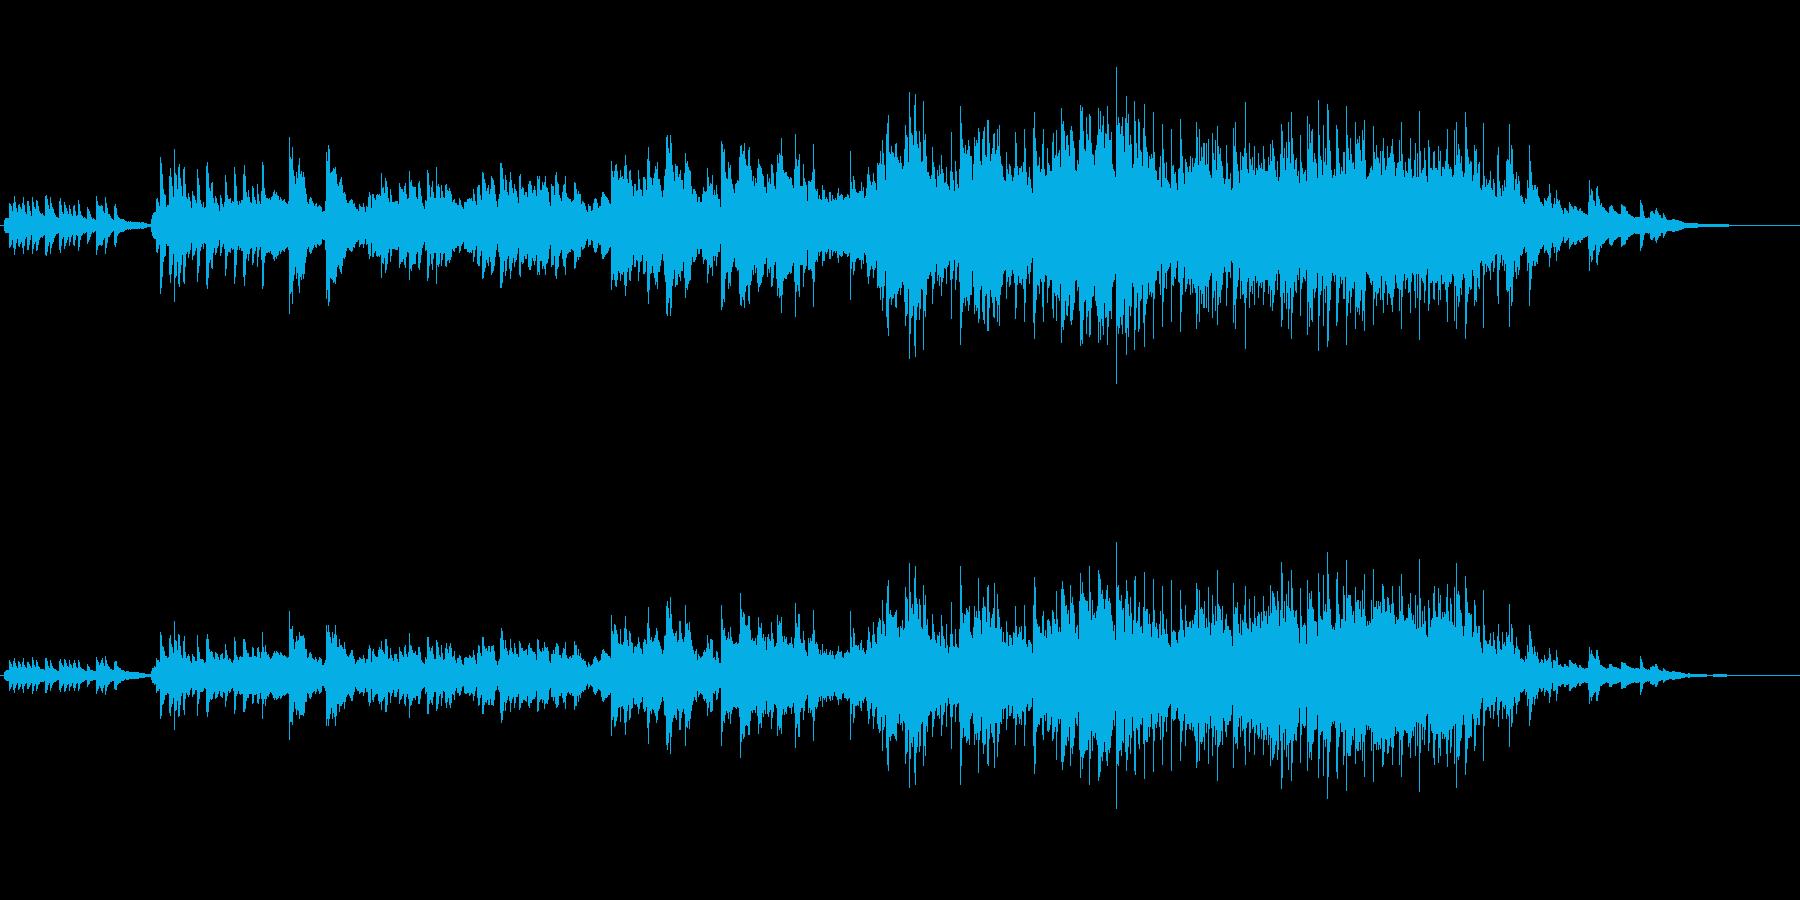 幻想的なバラード(聖なる誓い)の再生済みの波形